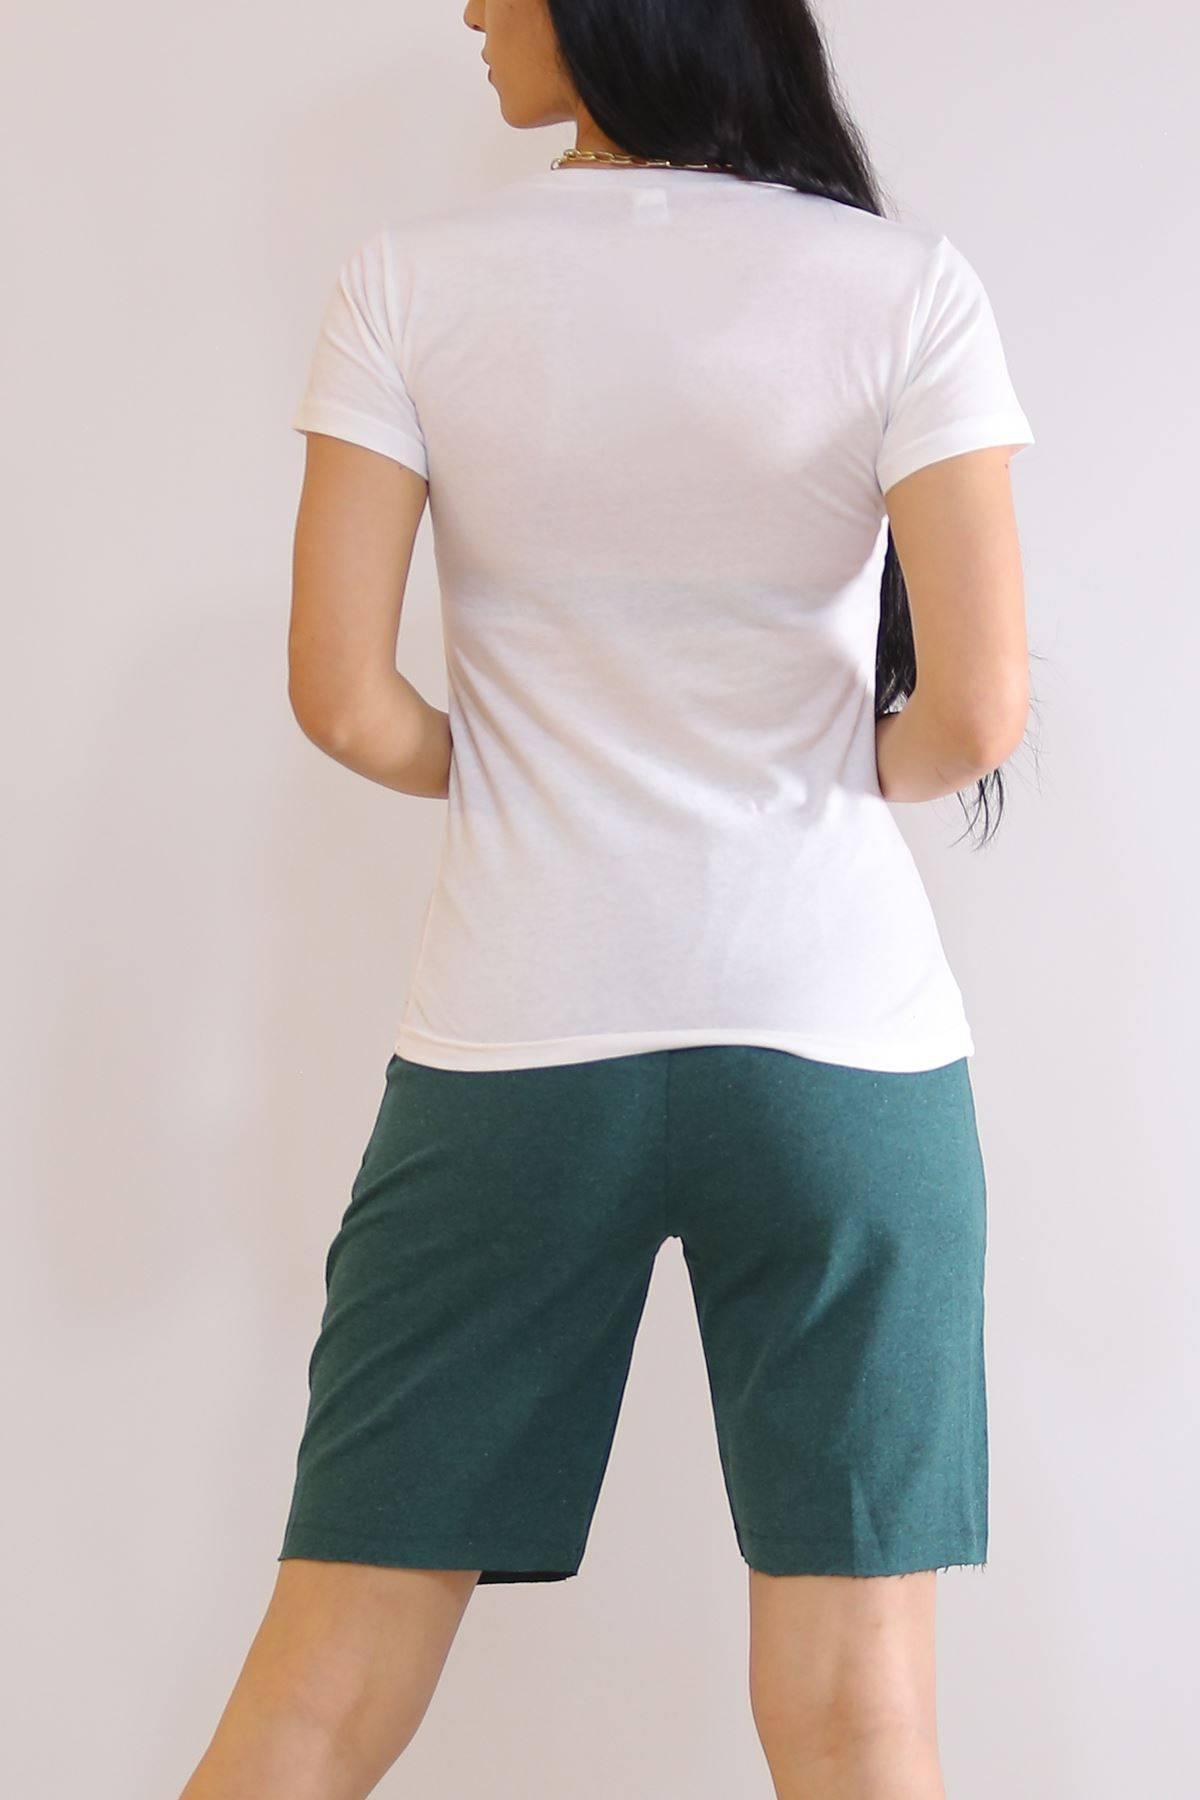 Şortlu Takım Beyazyeşil - 6190.1348.